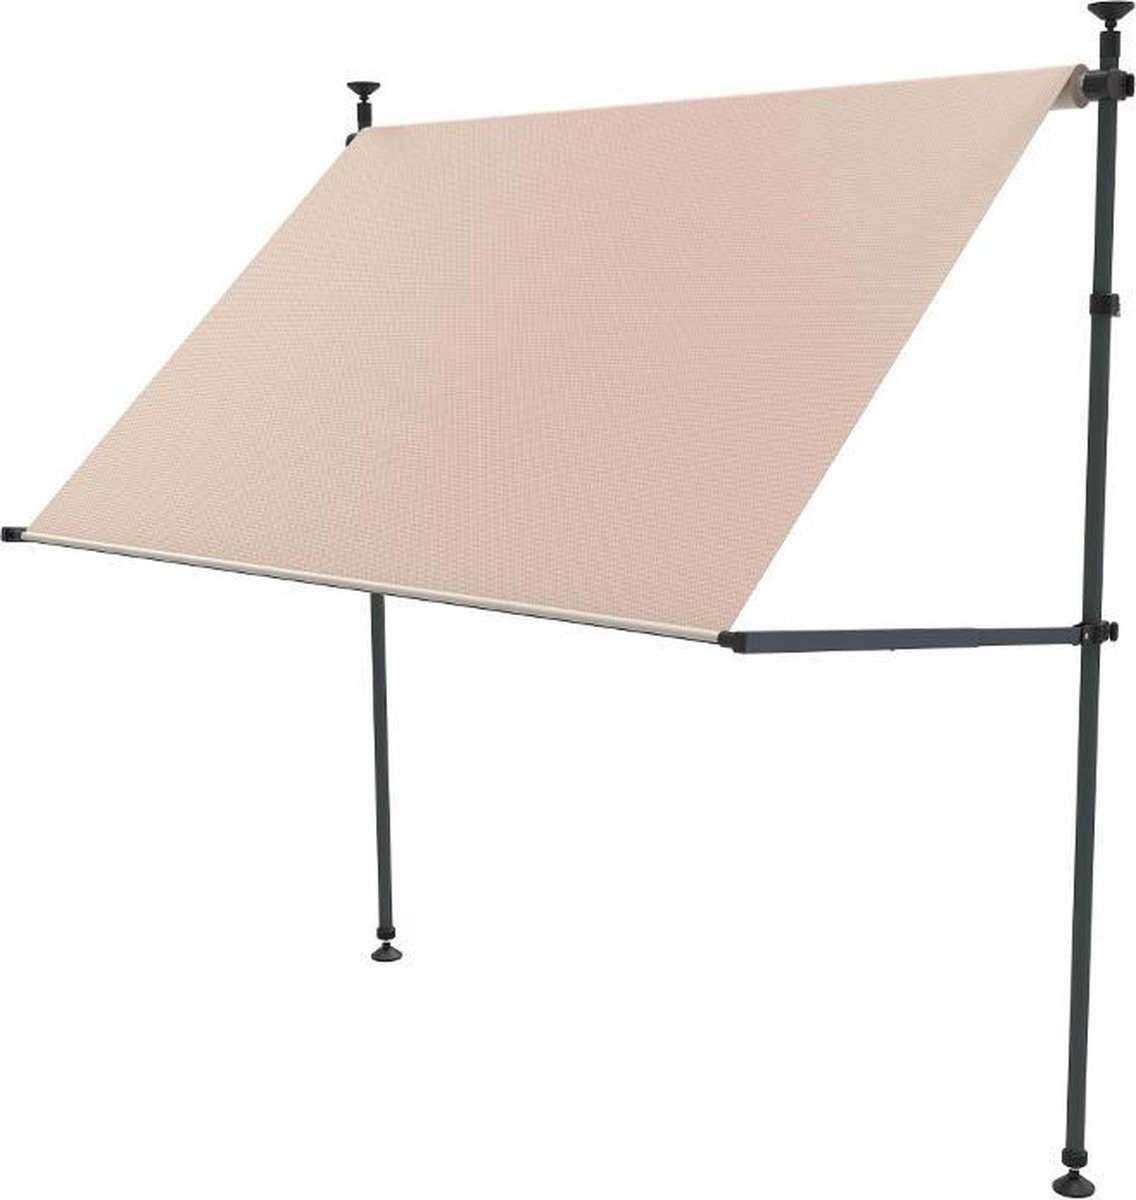 Balkondoek 0.8 x 5 meter